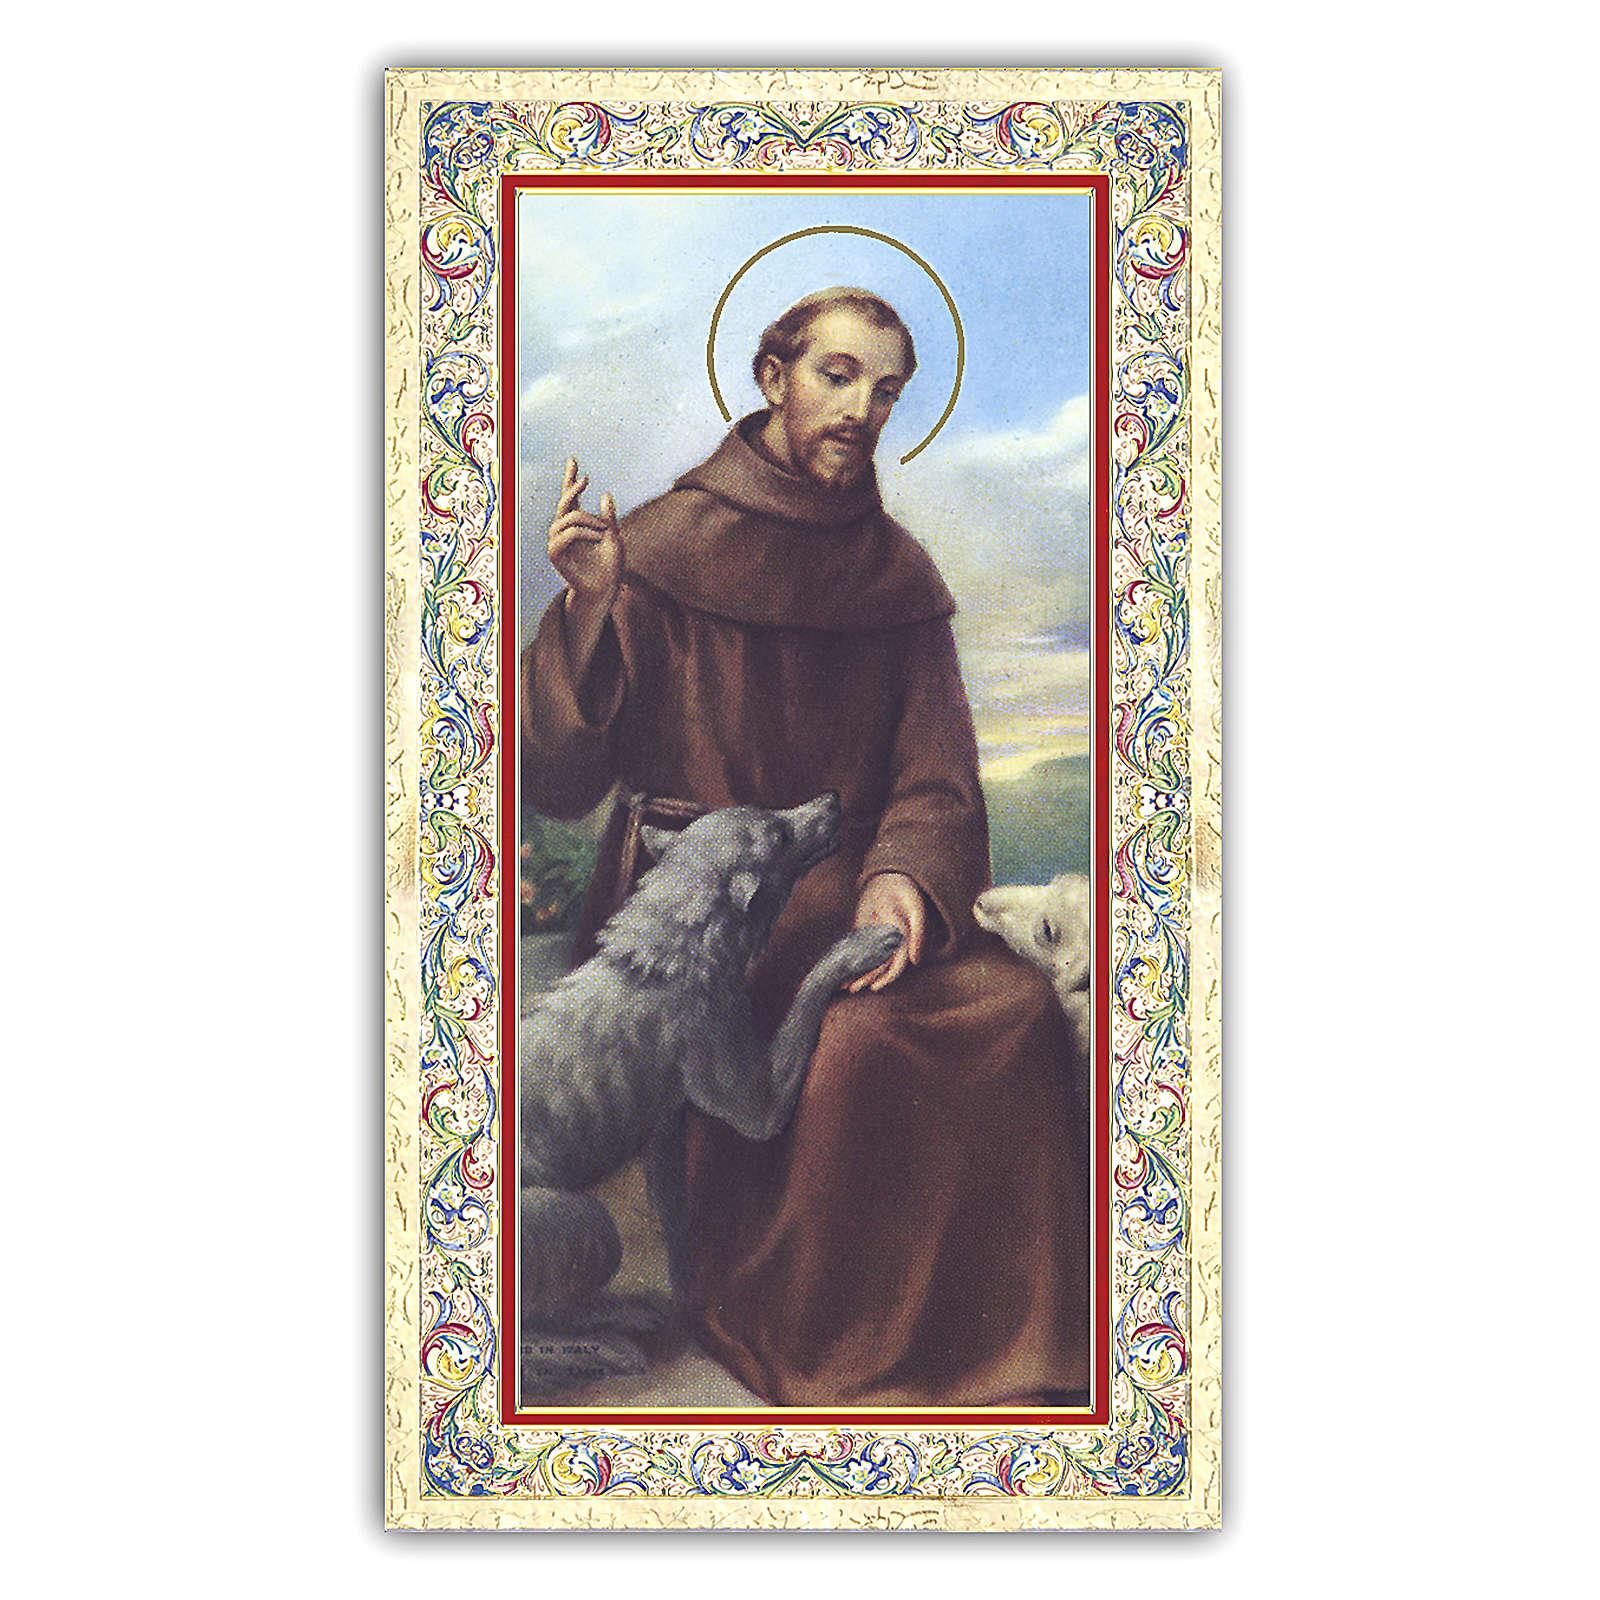 Estampa religiosa San Francisco de Asís con el Lobo 10x5 cm ITA 4